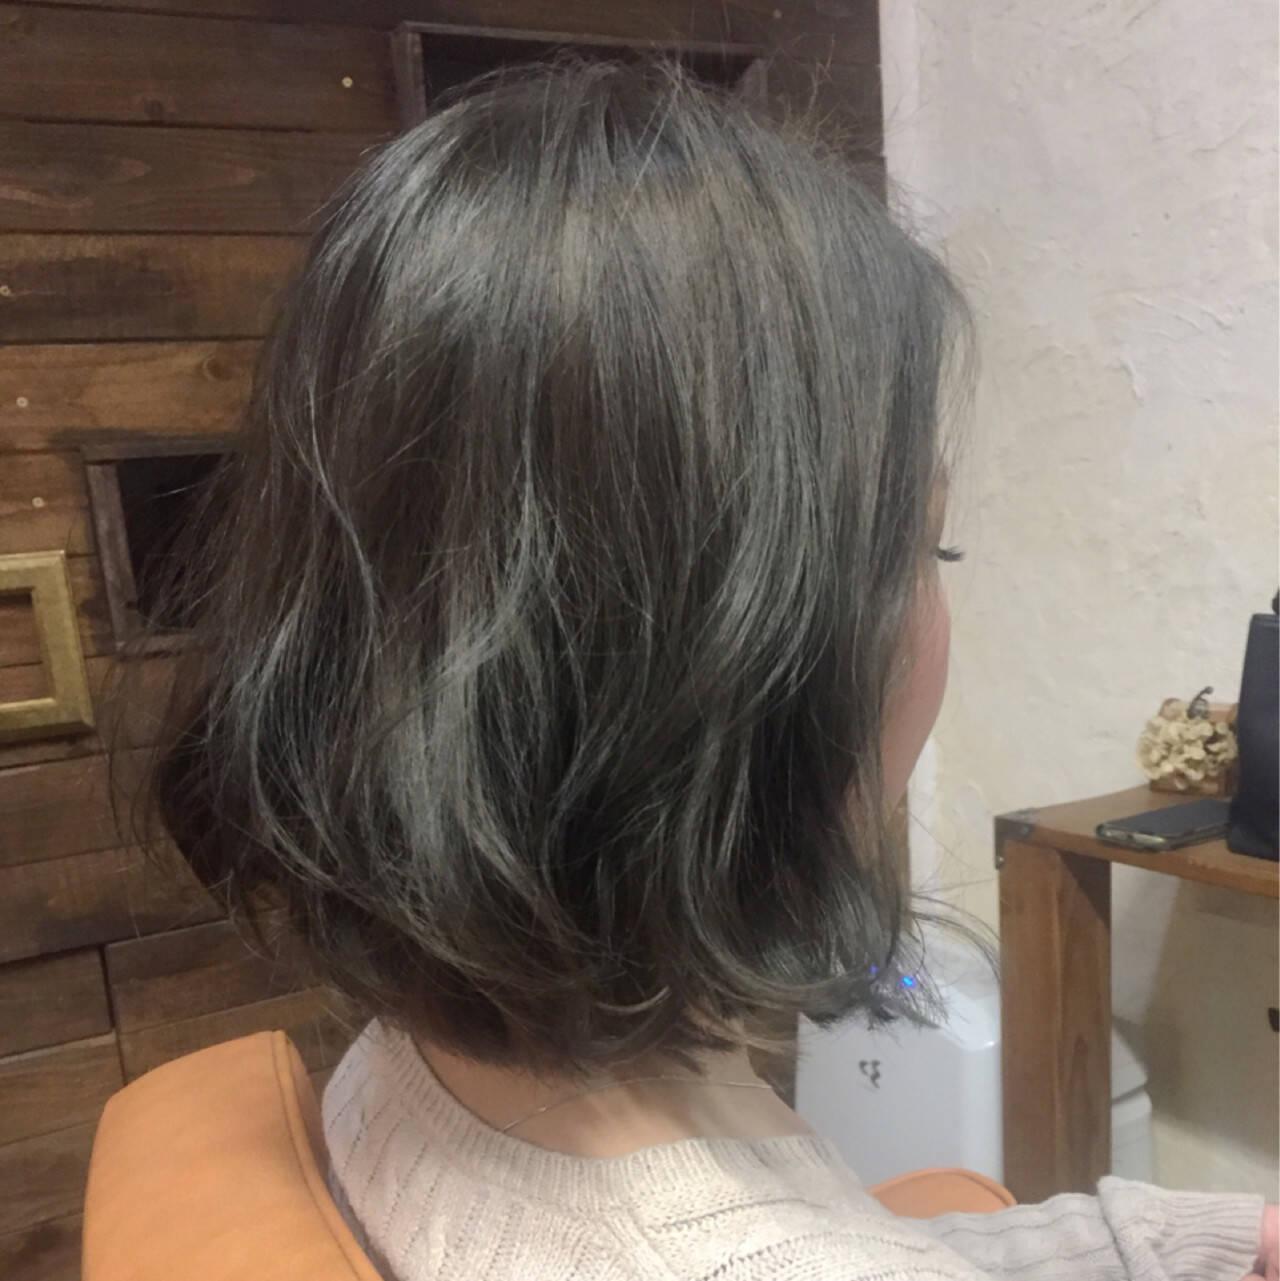 ボブ 色気 グレージュ アッシュヘアスタイルや髪型の写真・画像